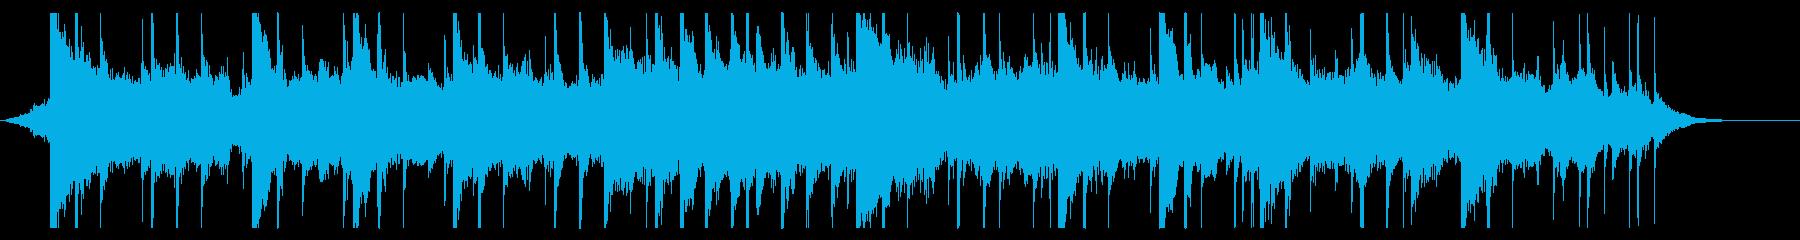 エンディングに_メロウなピアノPopsの再生済みの波形